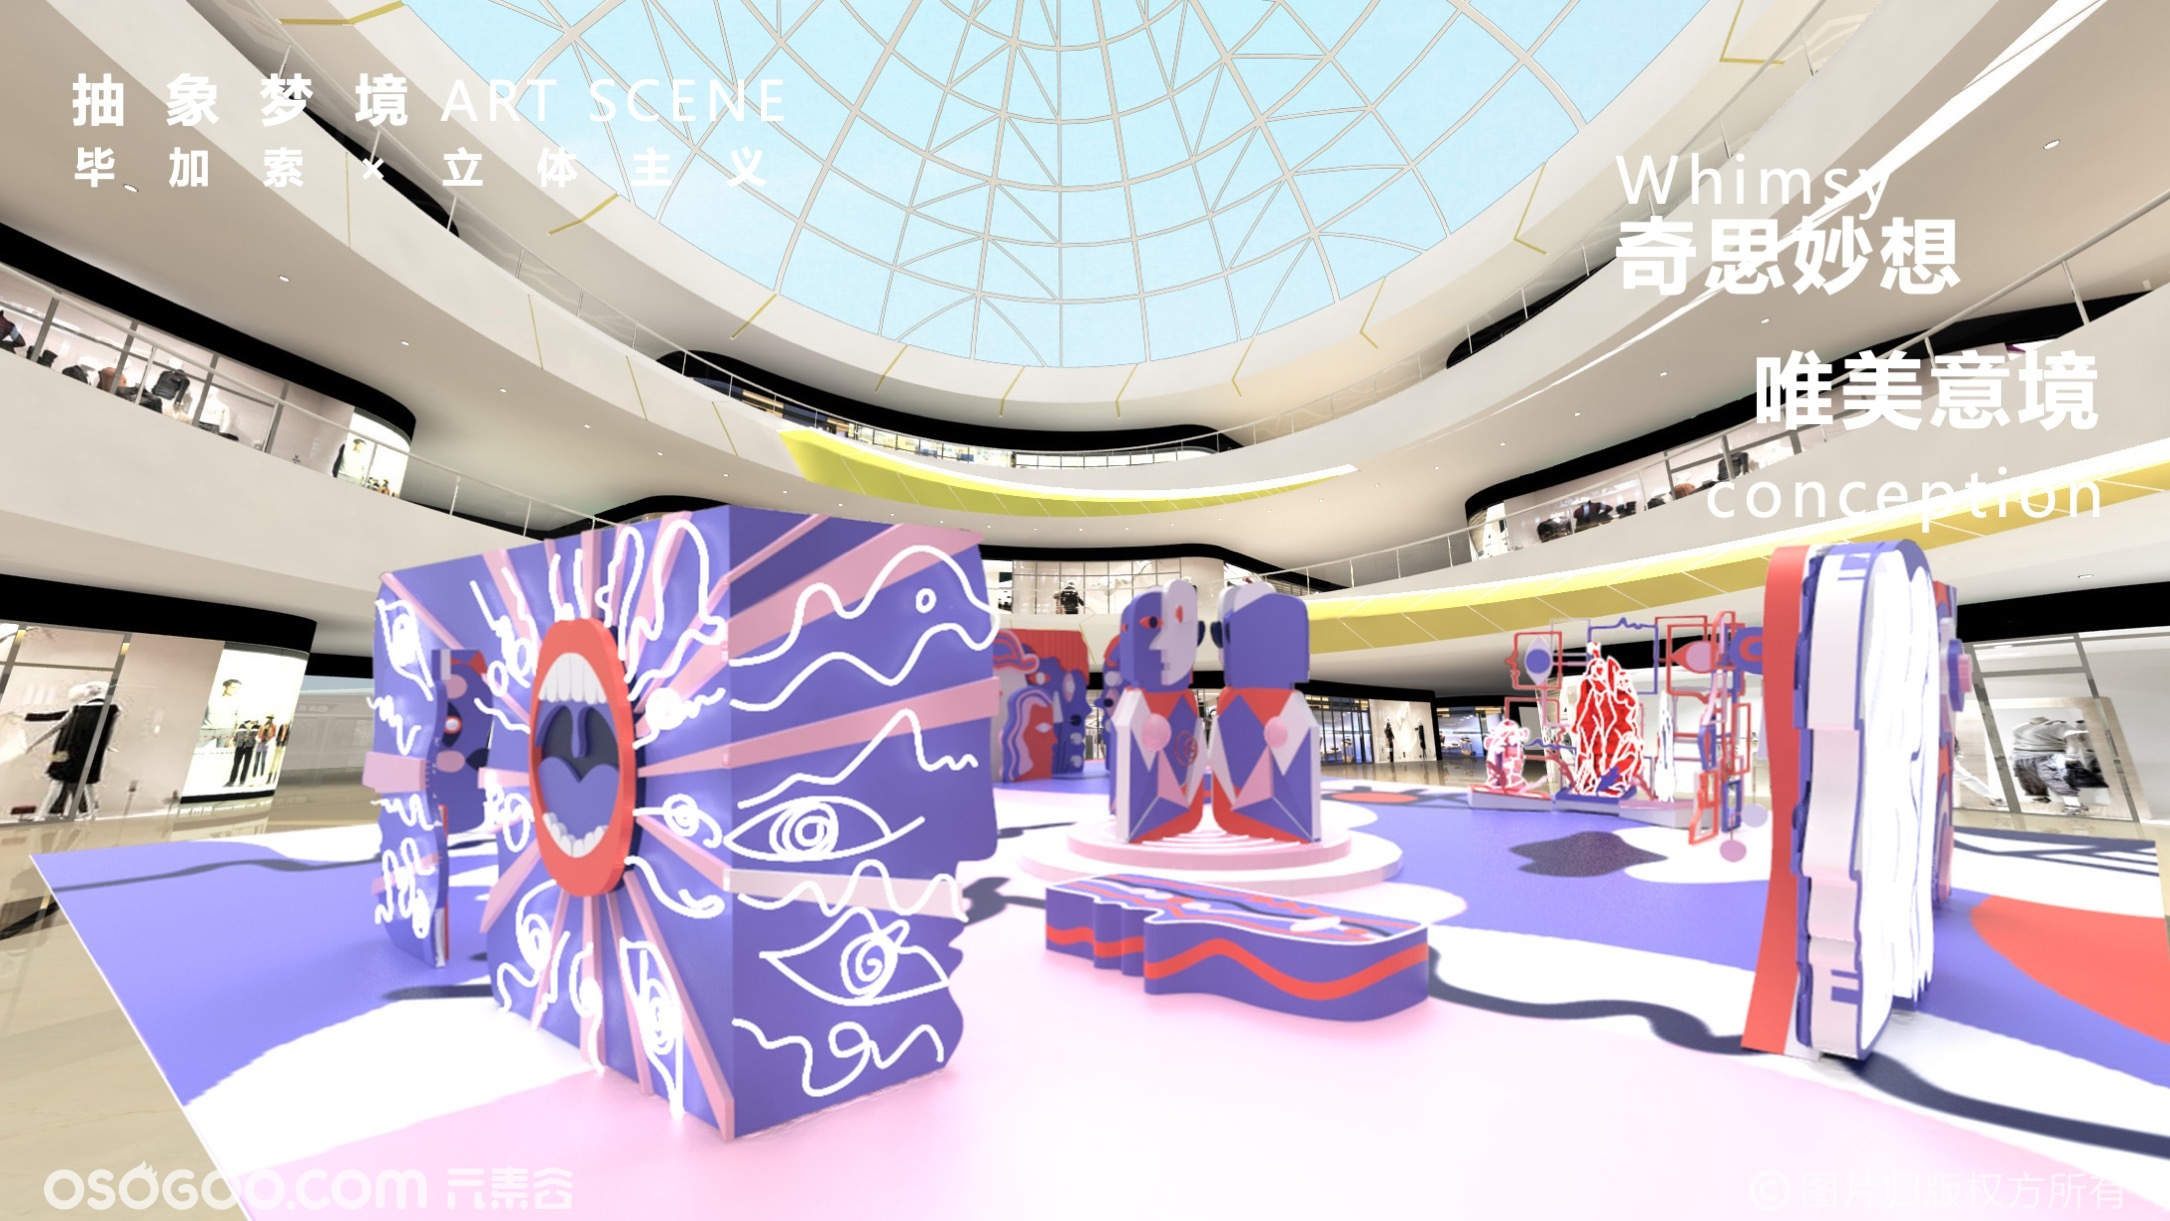 【毕加索立体博物馆】艺术IP空间互动体验展-感映艺术出品